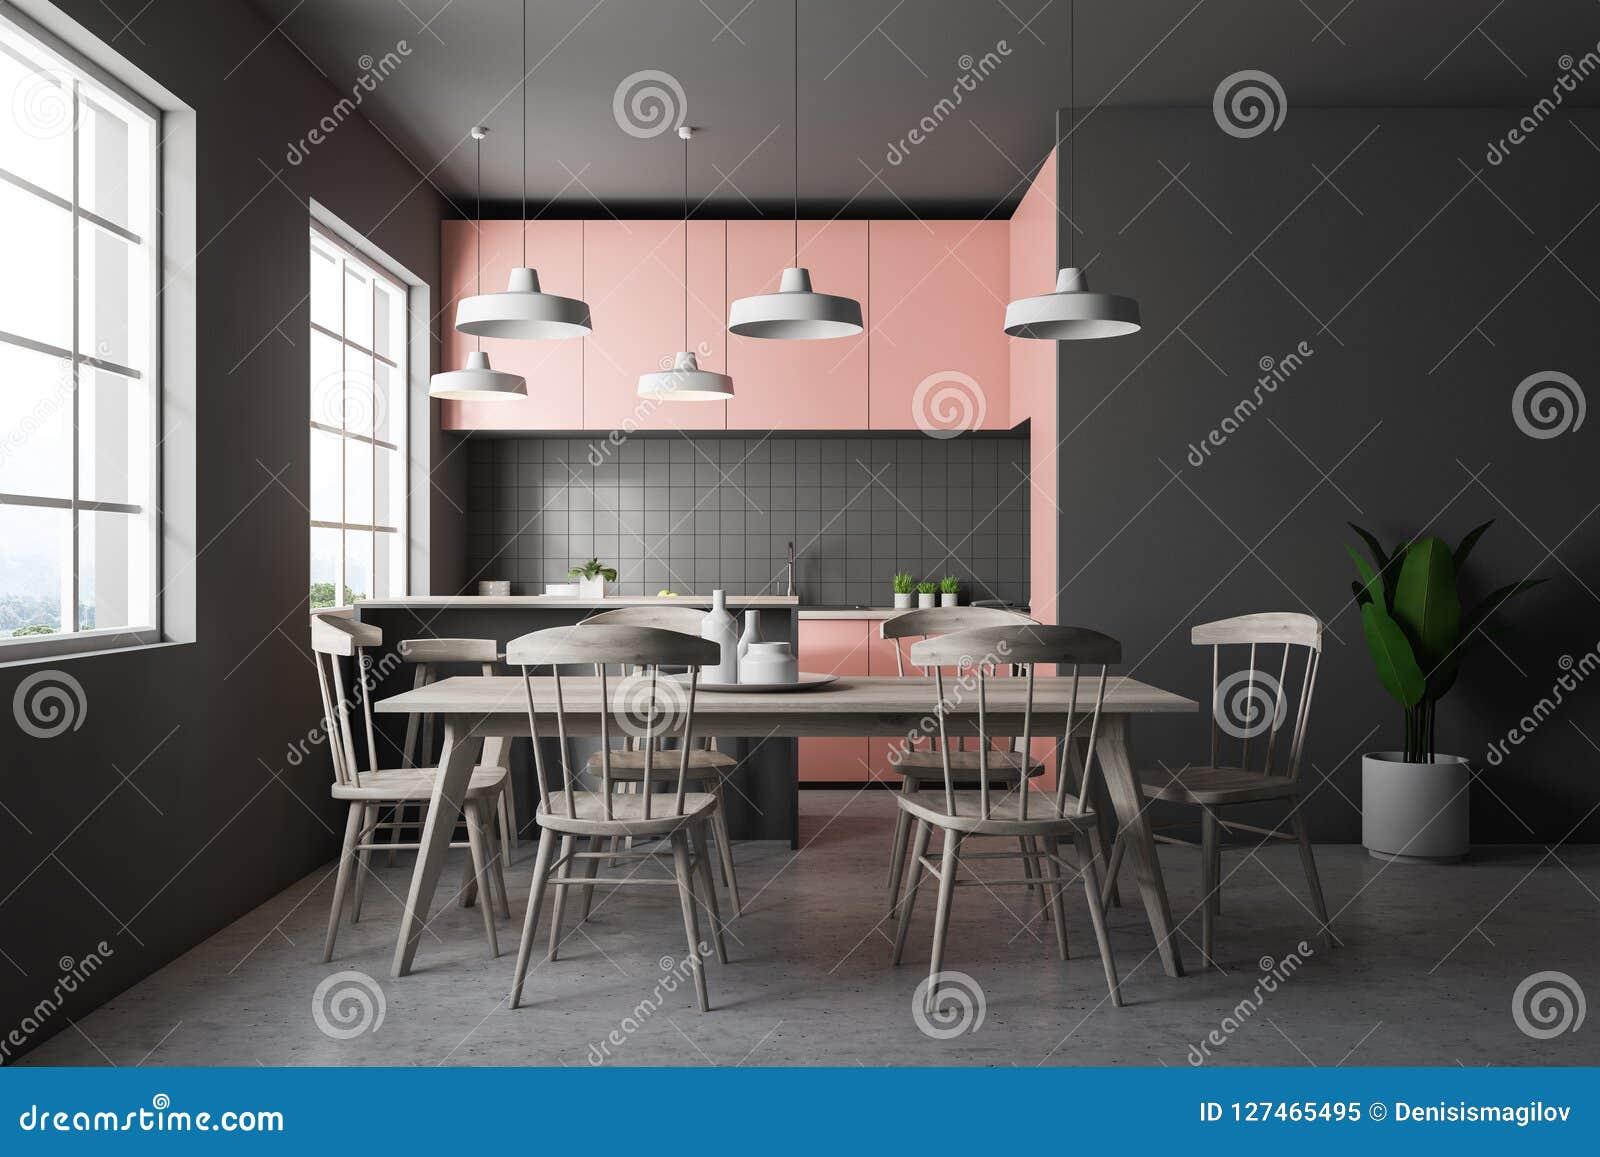 Cucina grigia con i controsoffitti rosa tavola delle mattonelle